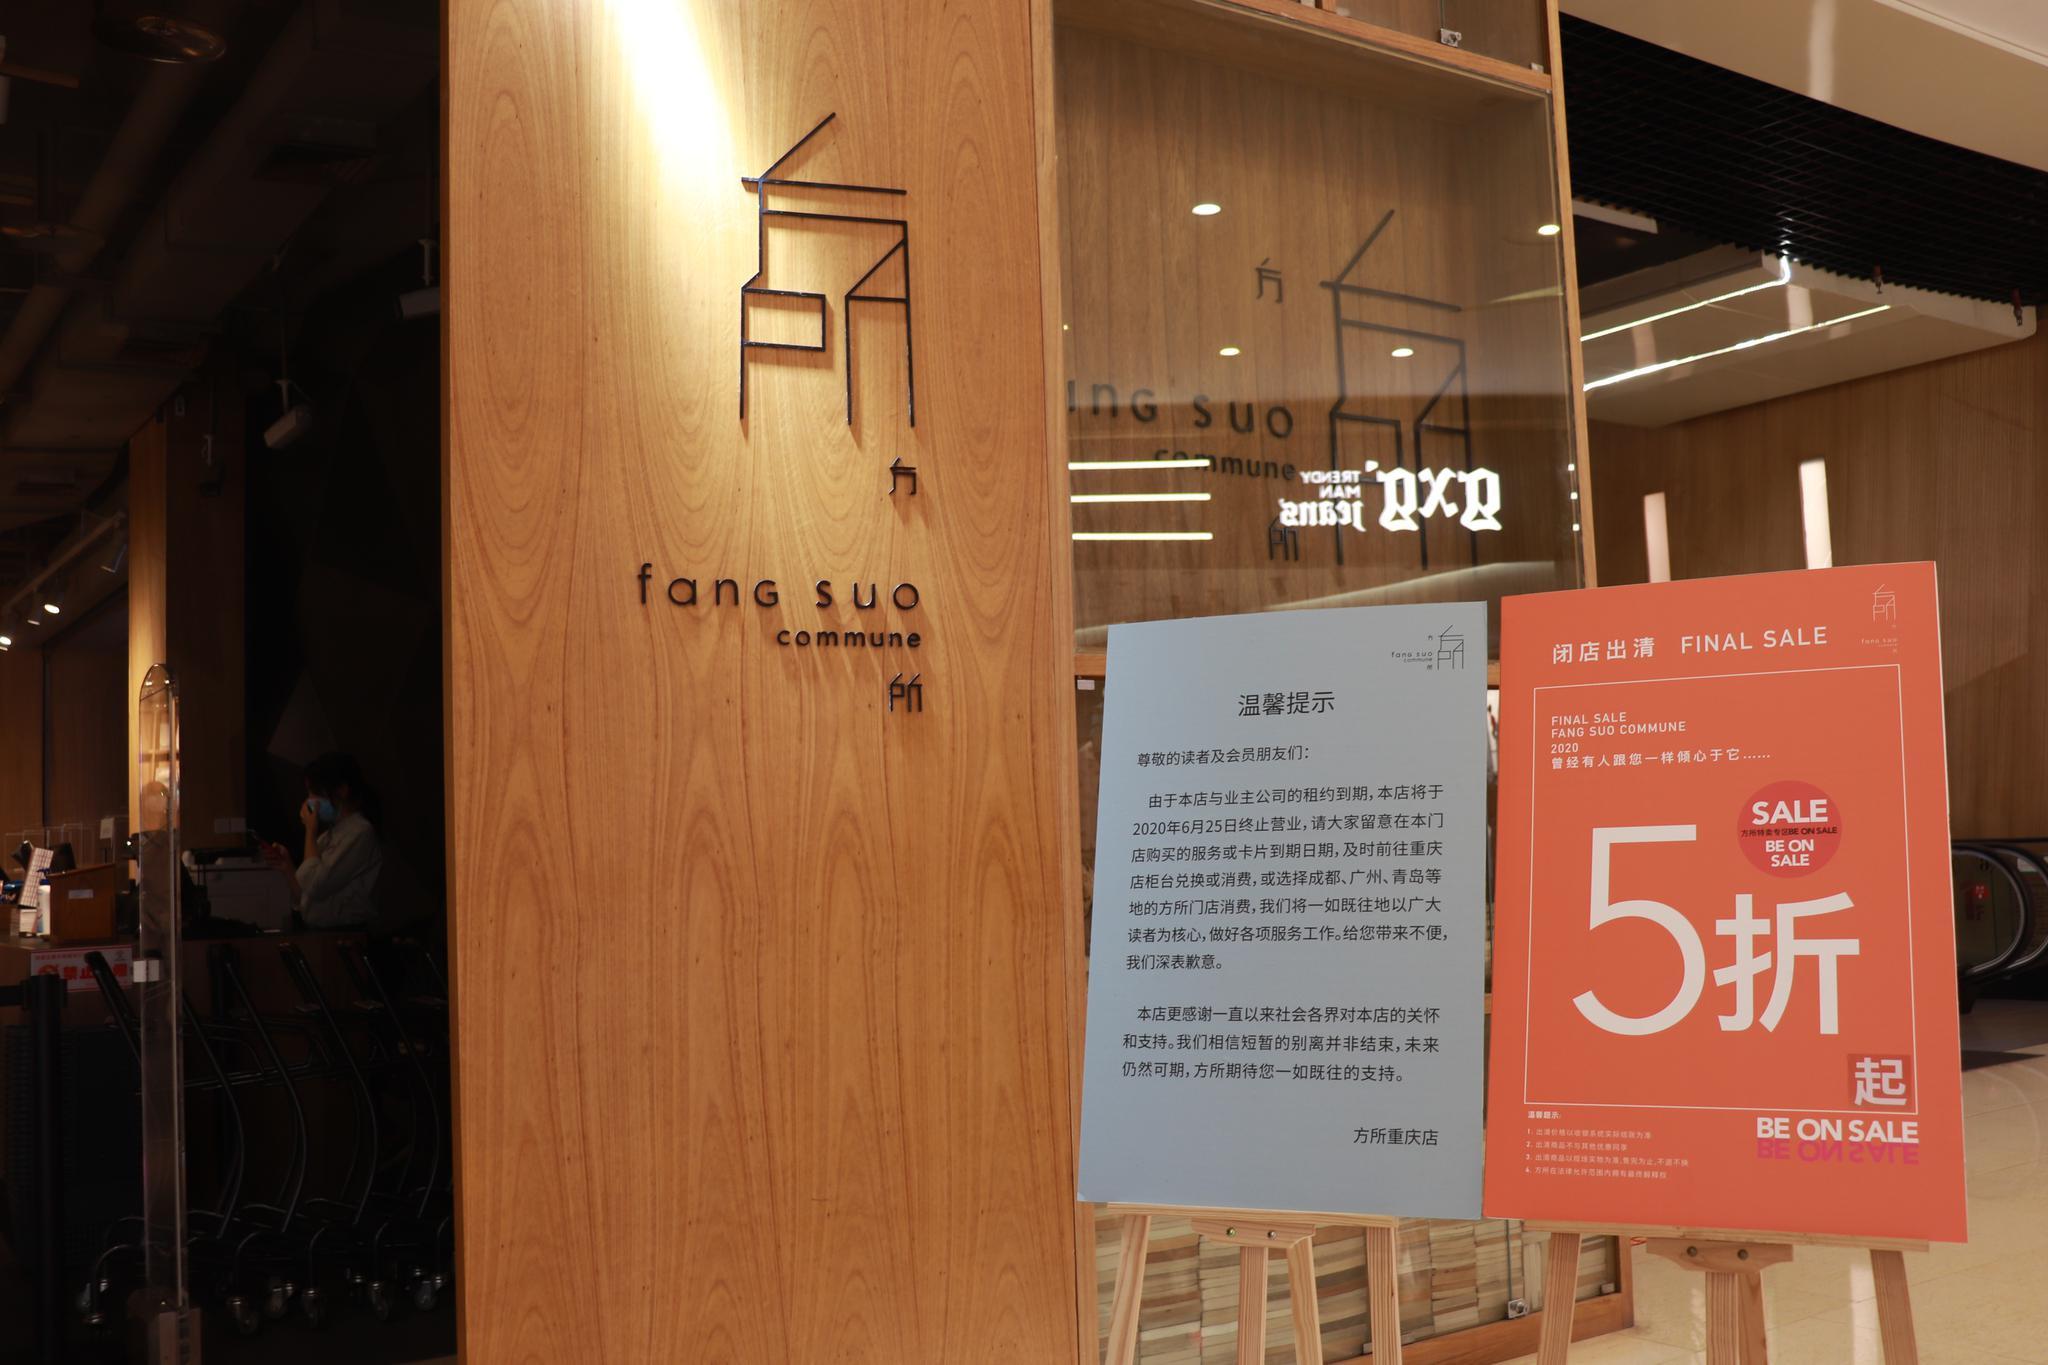 重庆最有格调书店即将终止营业!方所将暂别重庆